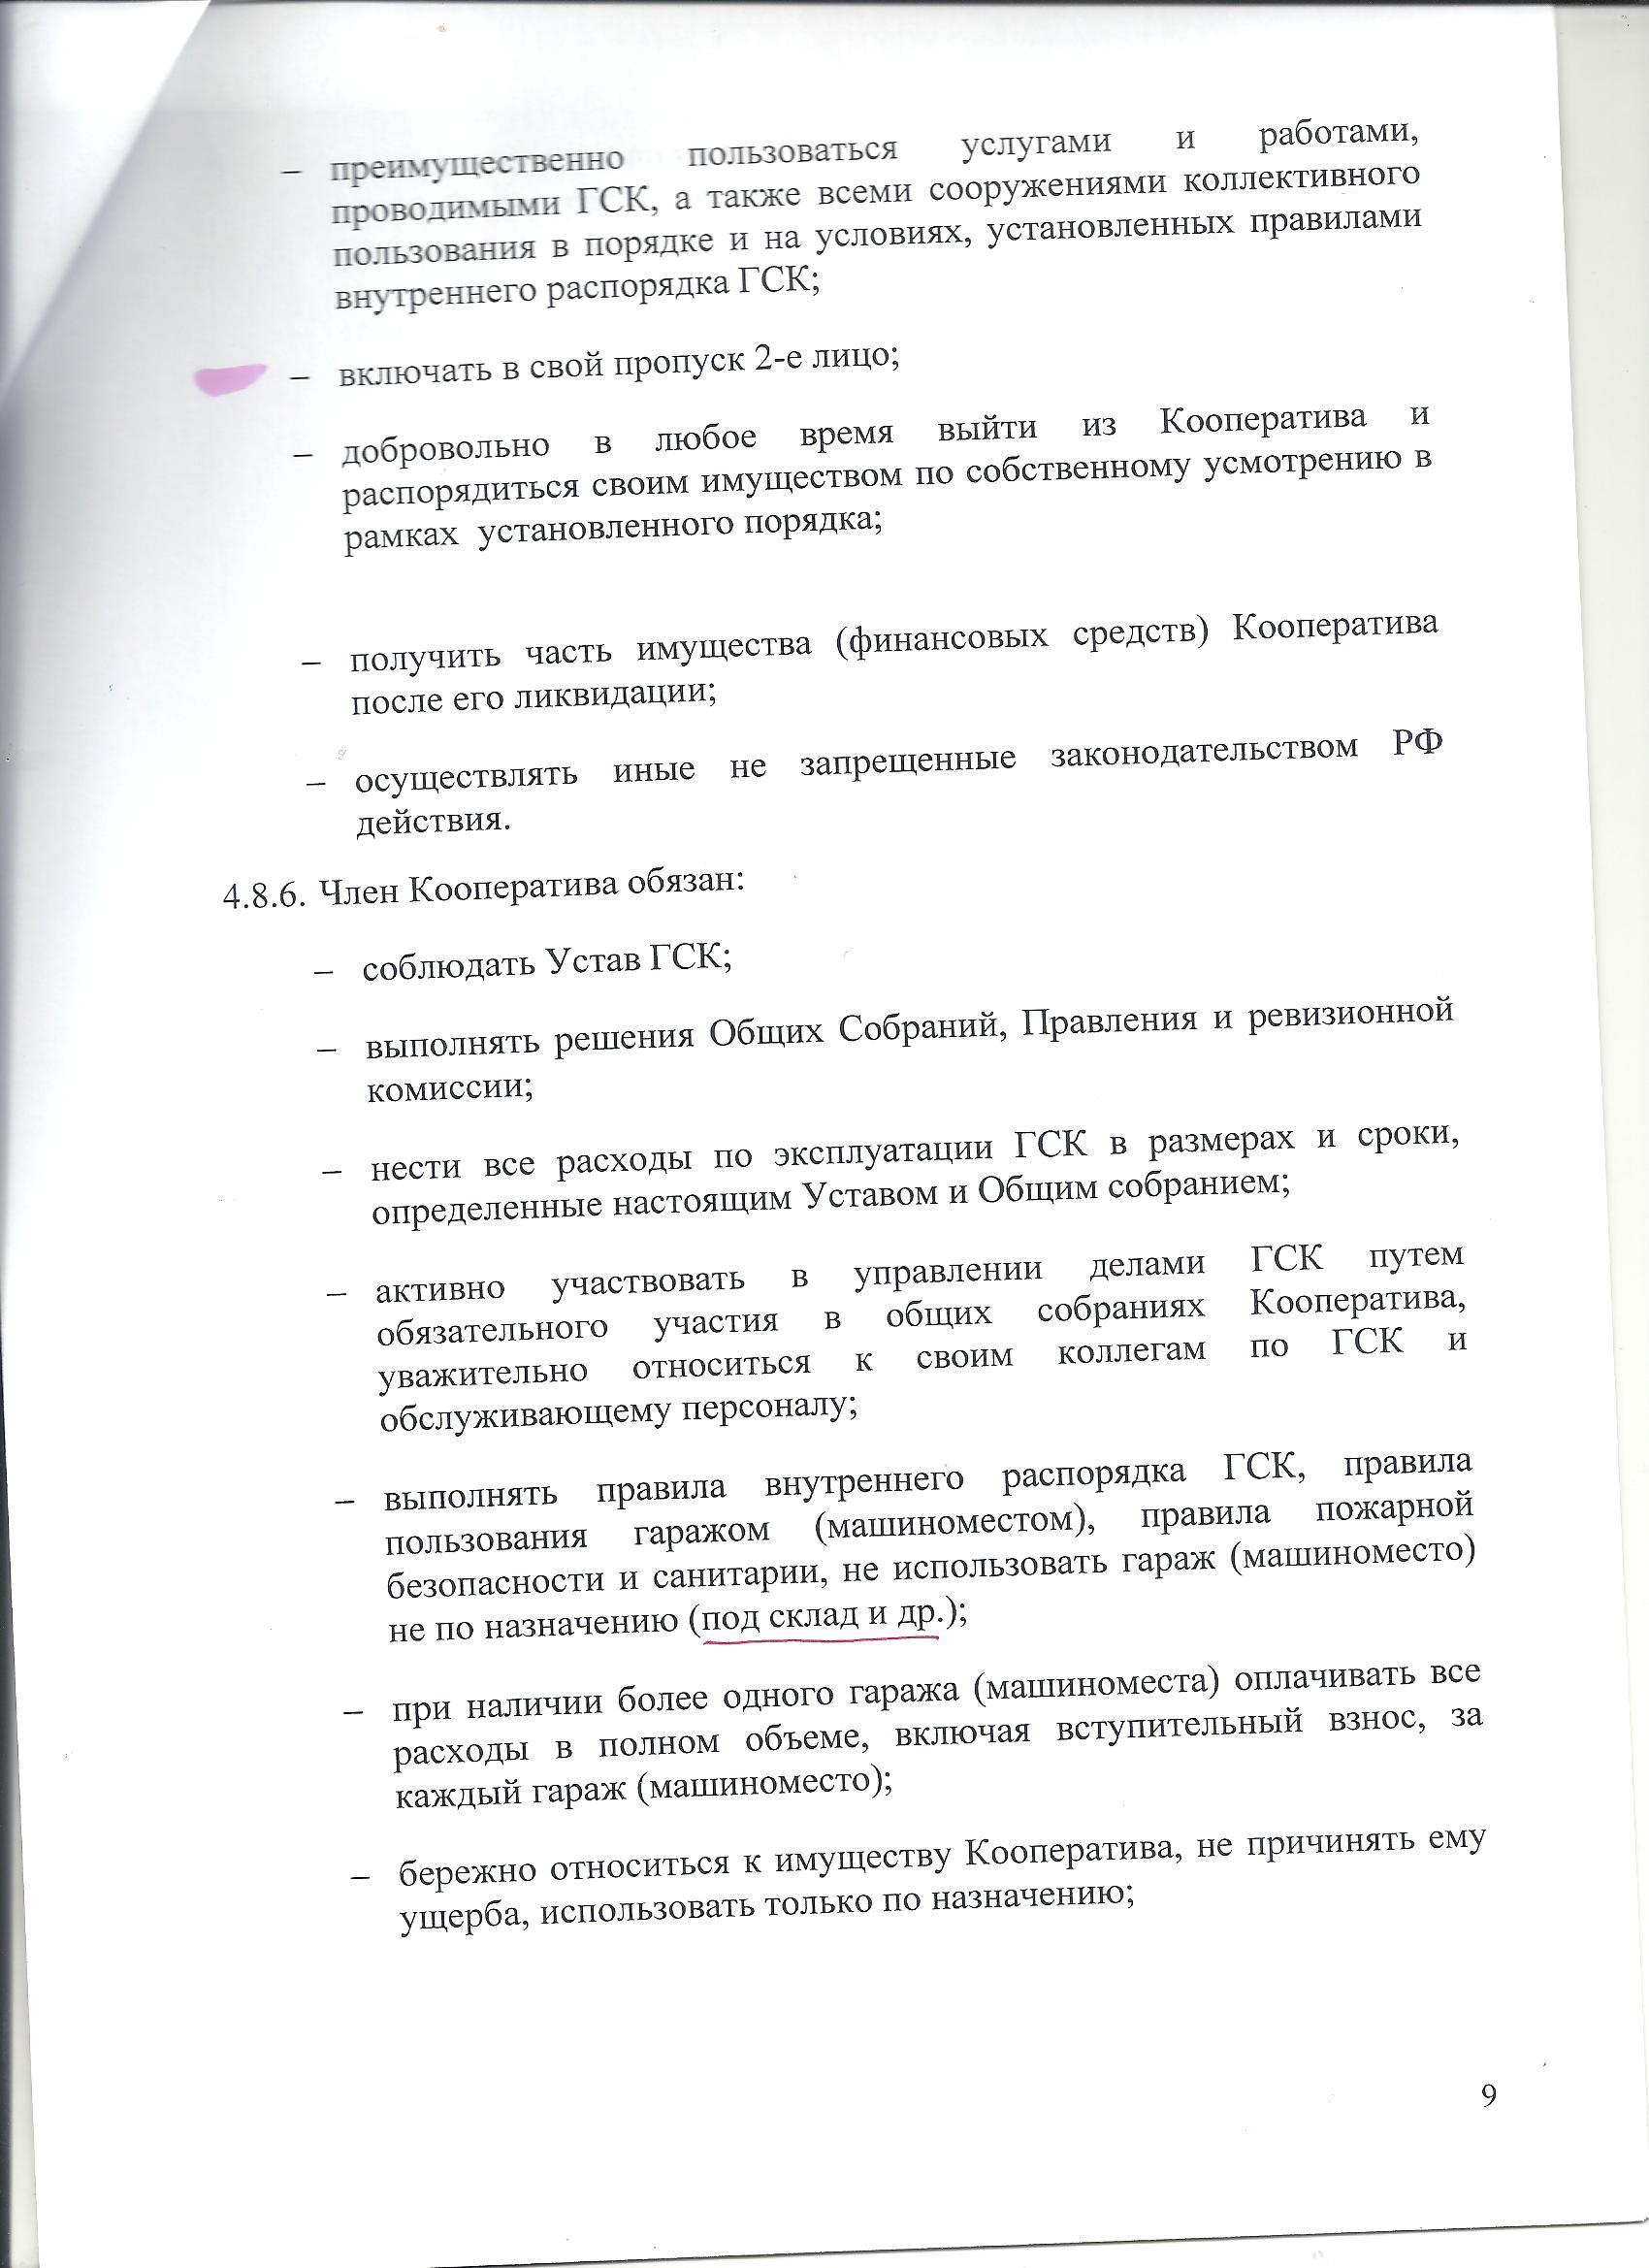 http://forumupload.ru/uploads/0018/e6/9c/2/375250.jpg